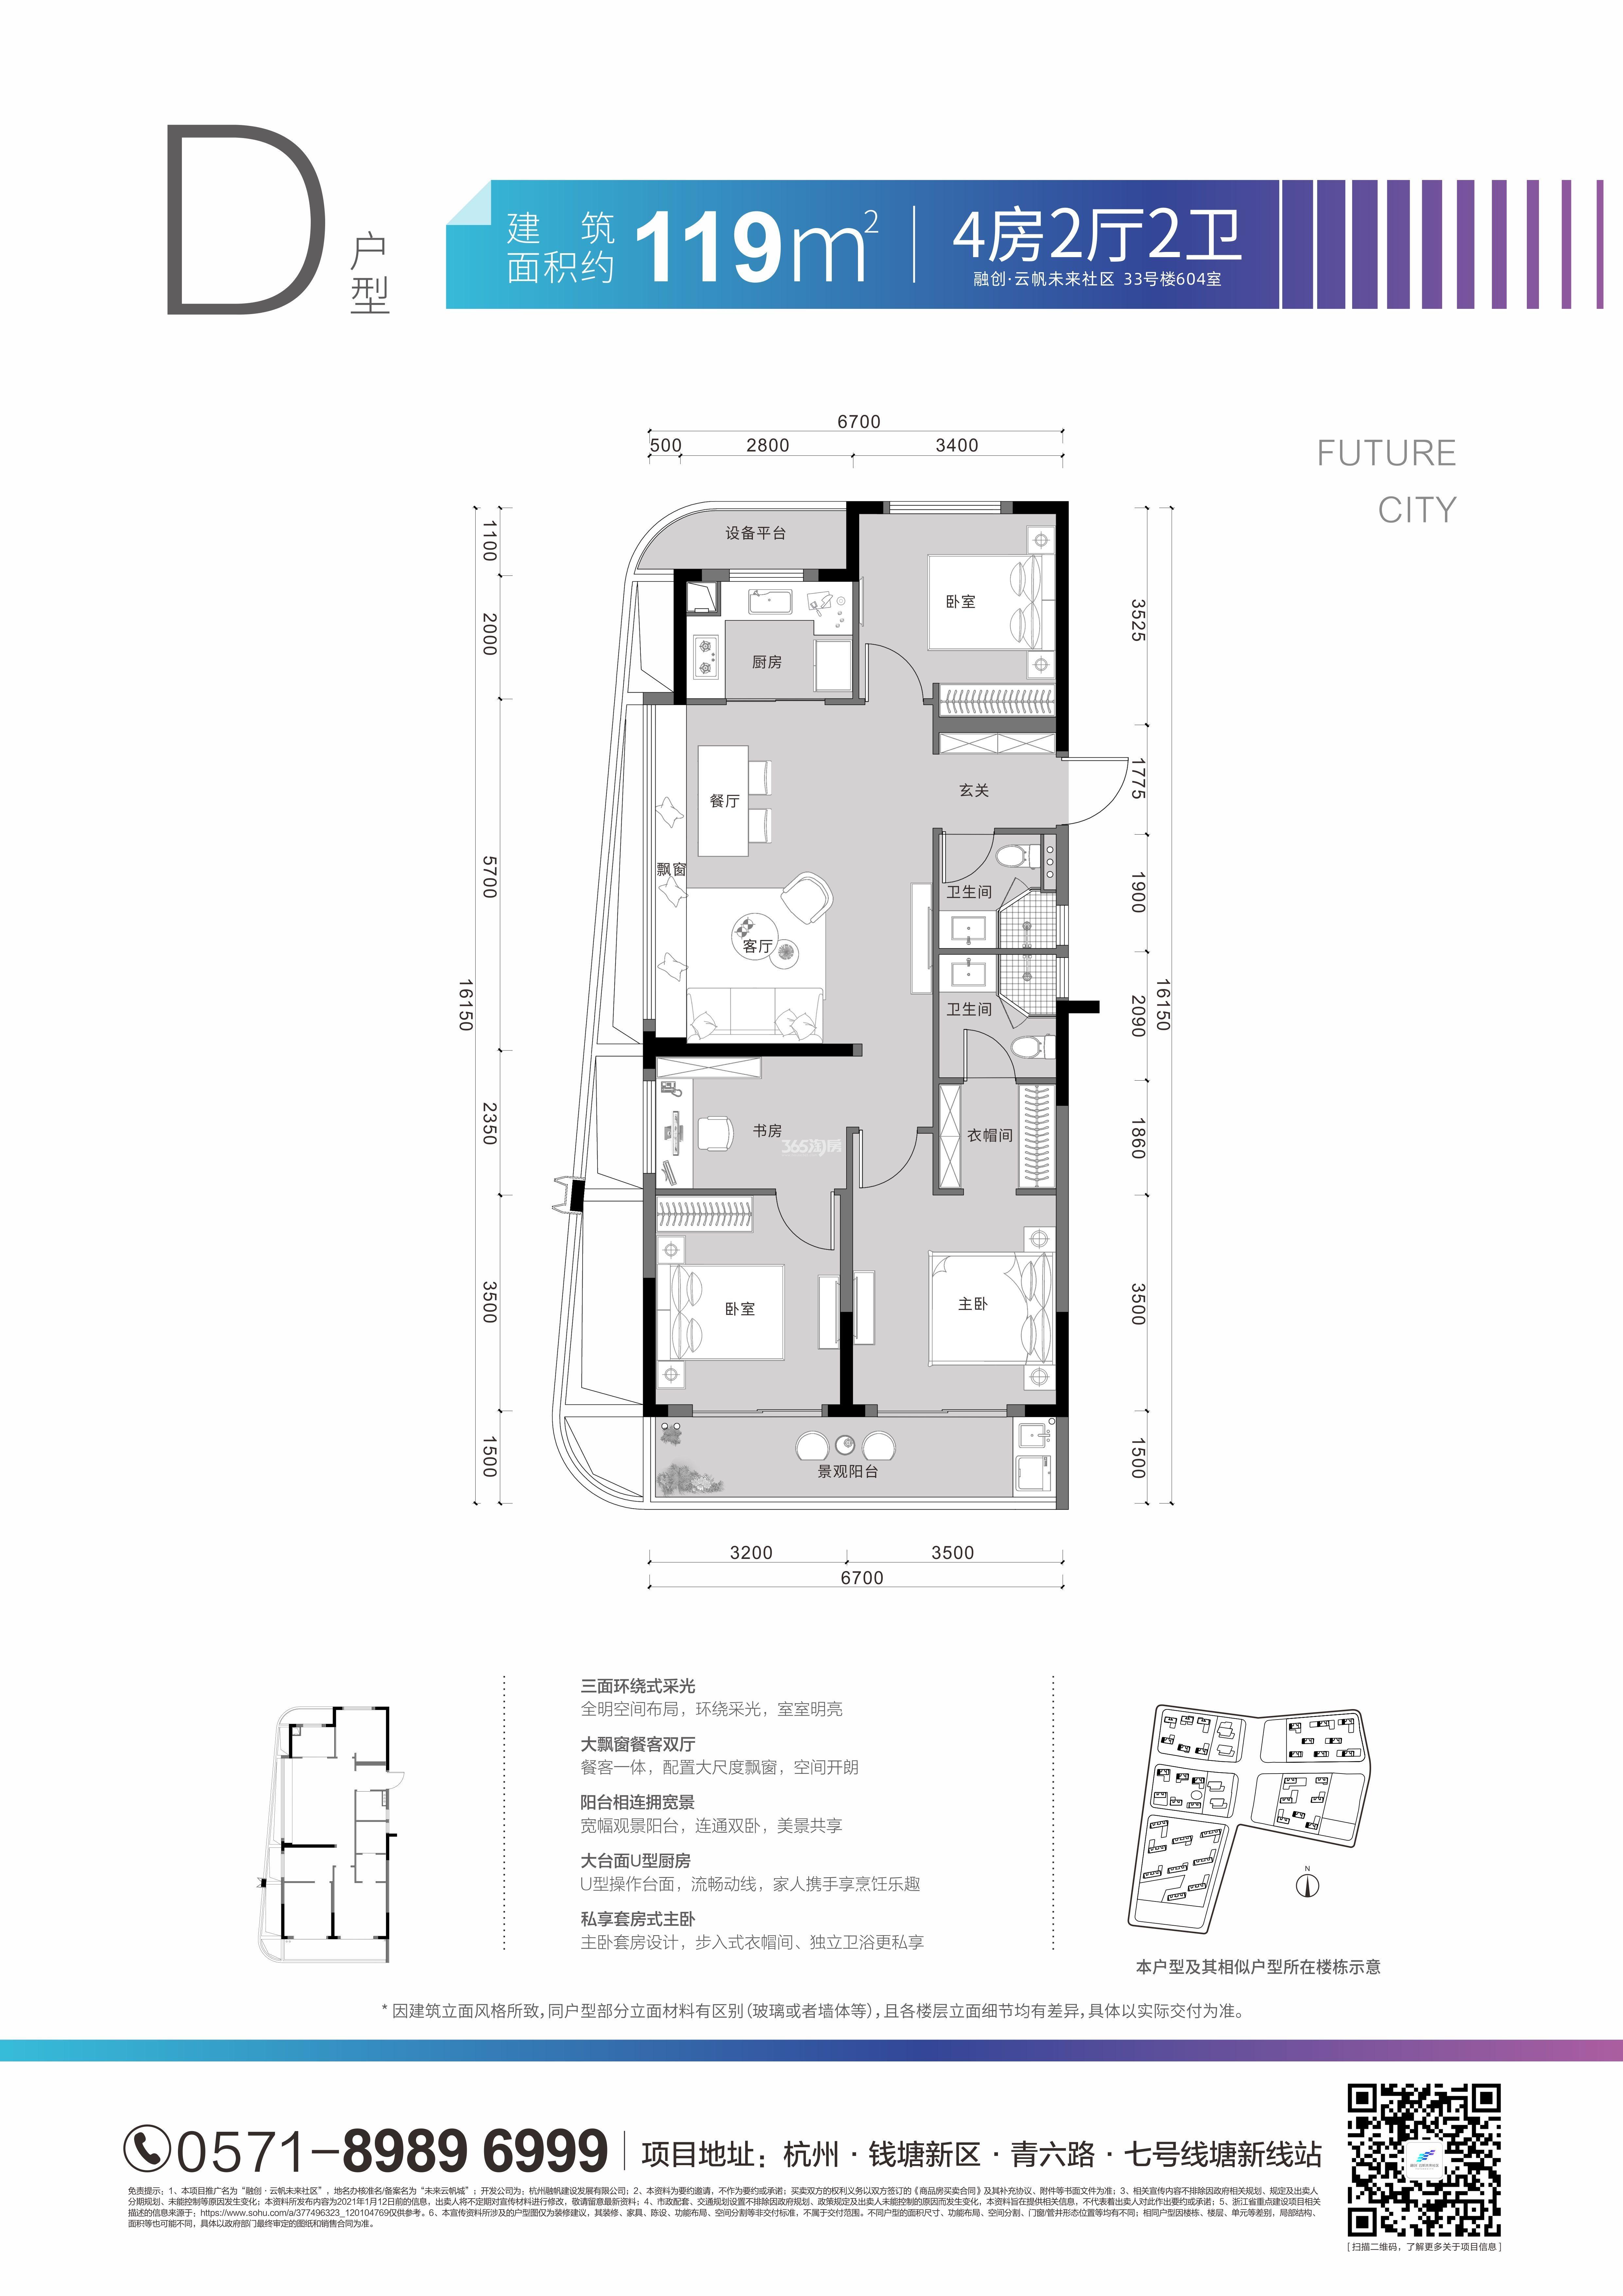 融创云帆未来社区D户型119平(1、3、8-15、28-33#)